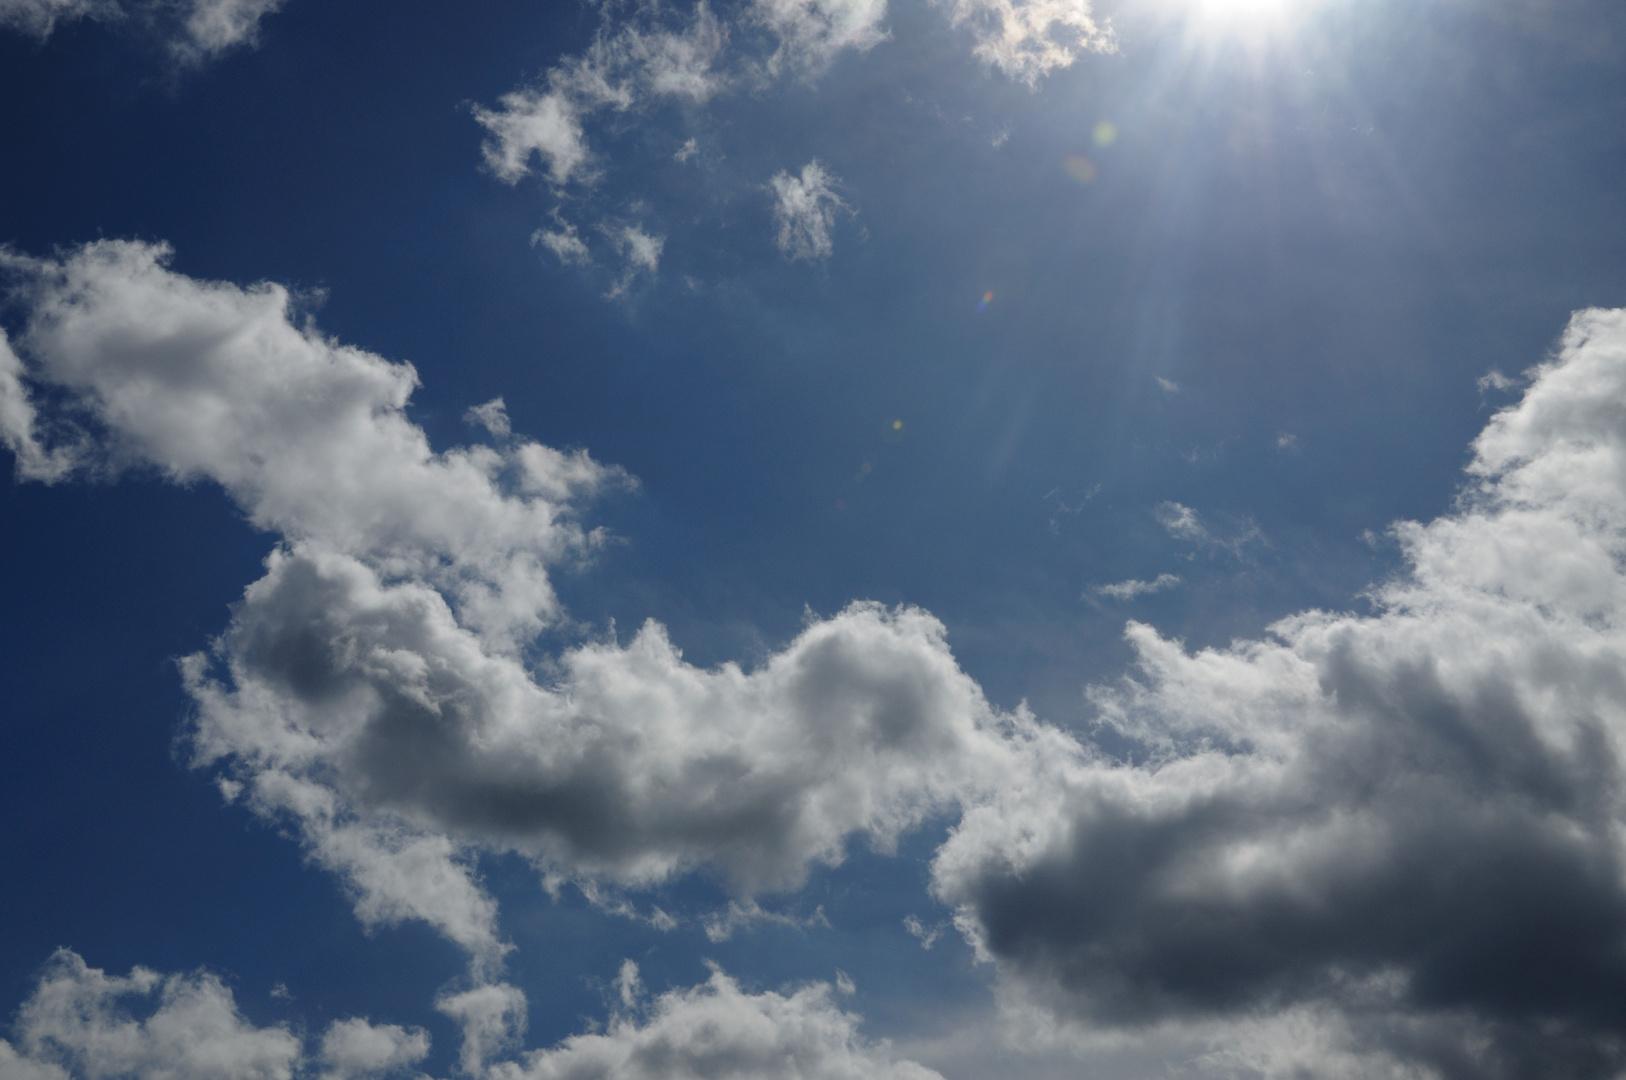 On cloud nine *__*